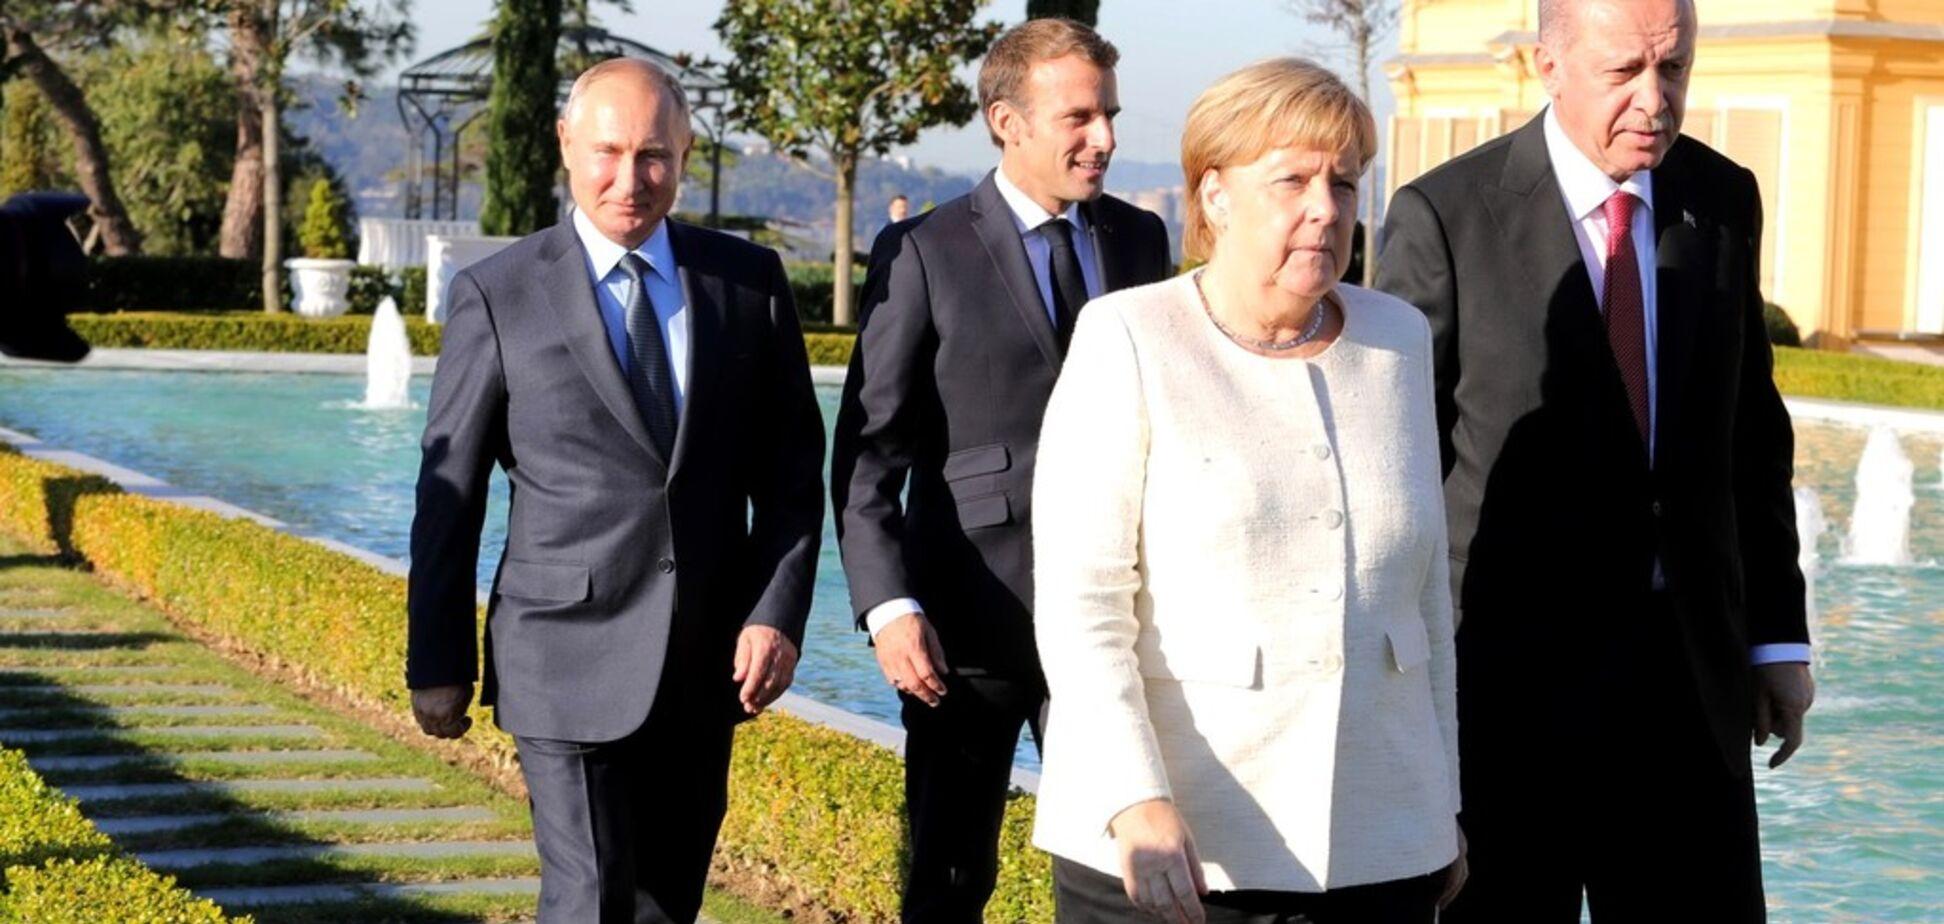 ''Знову не дотягли'': черговий трюк зі зростом Путіна підняли на сміх. Фотофакт